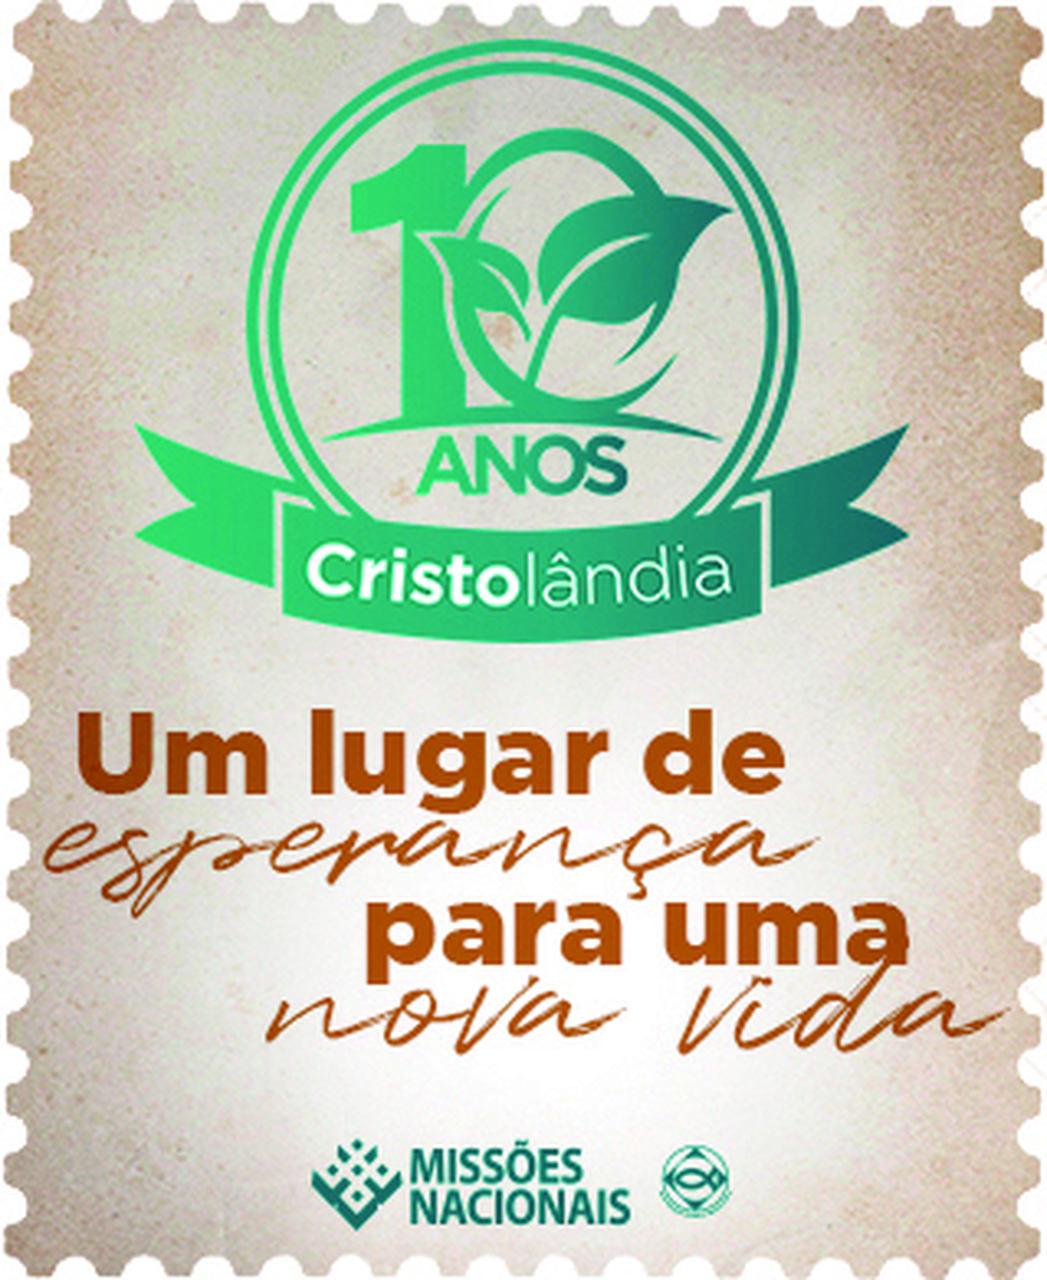 Selo Comemorativo 10 anos Cristolândia - (Cartela com 12 unidades)